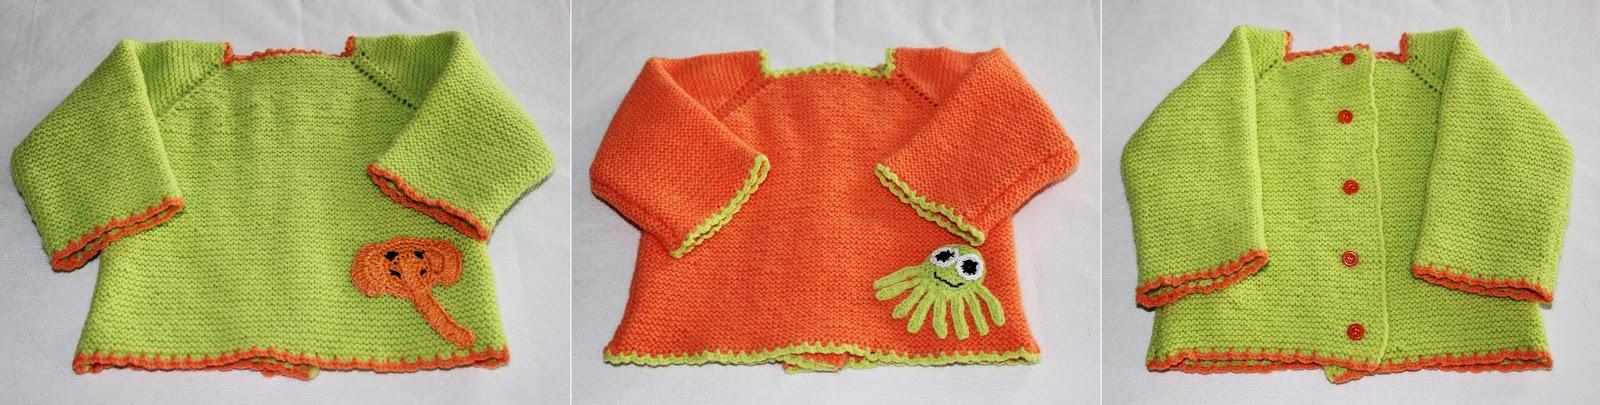 c19d30768 Aquí otros modelos de jerseys para bebés